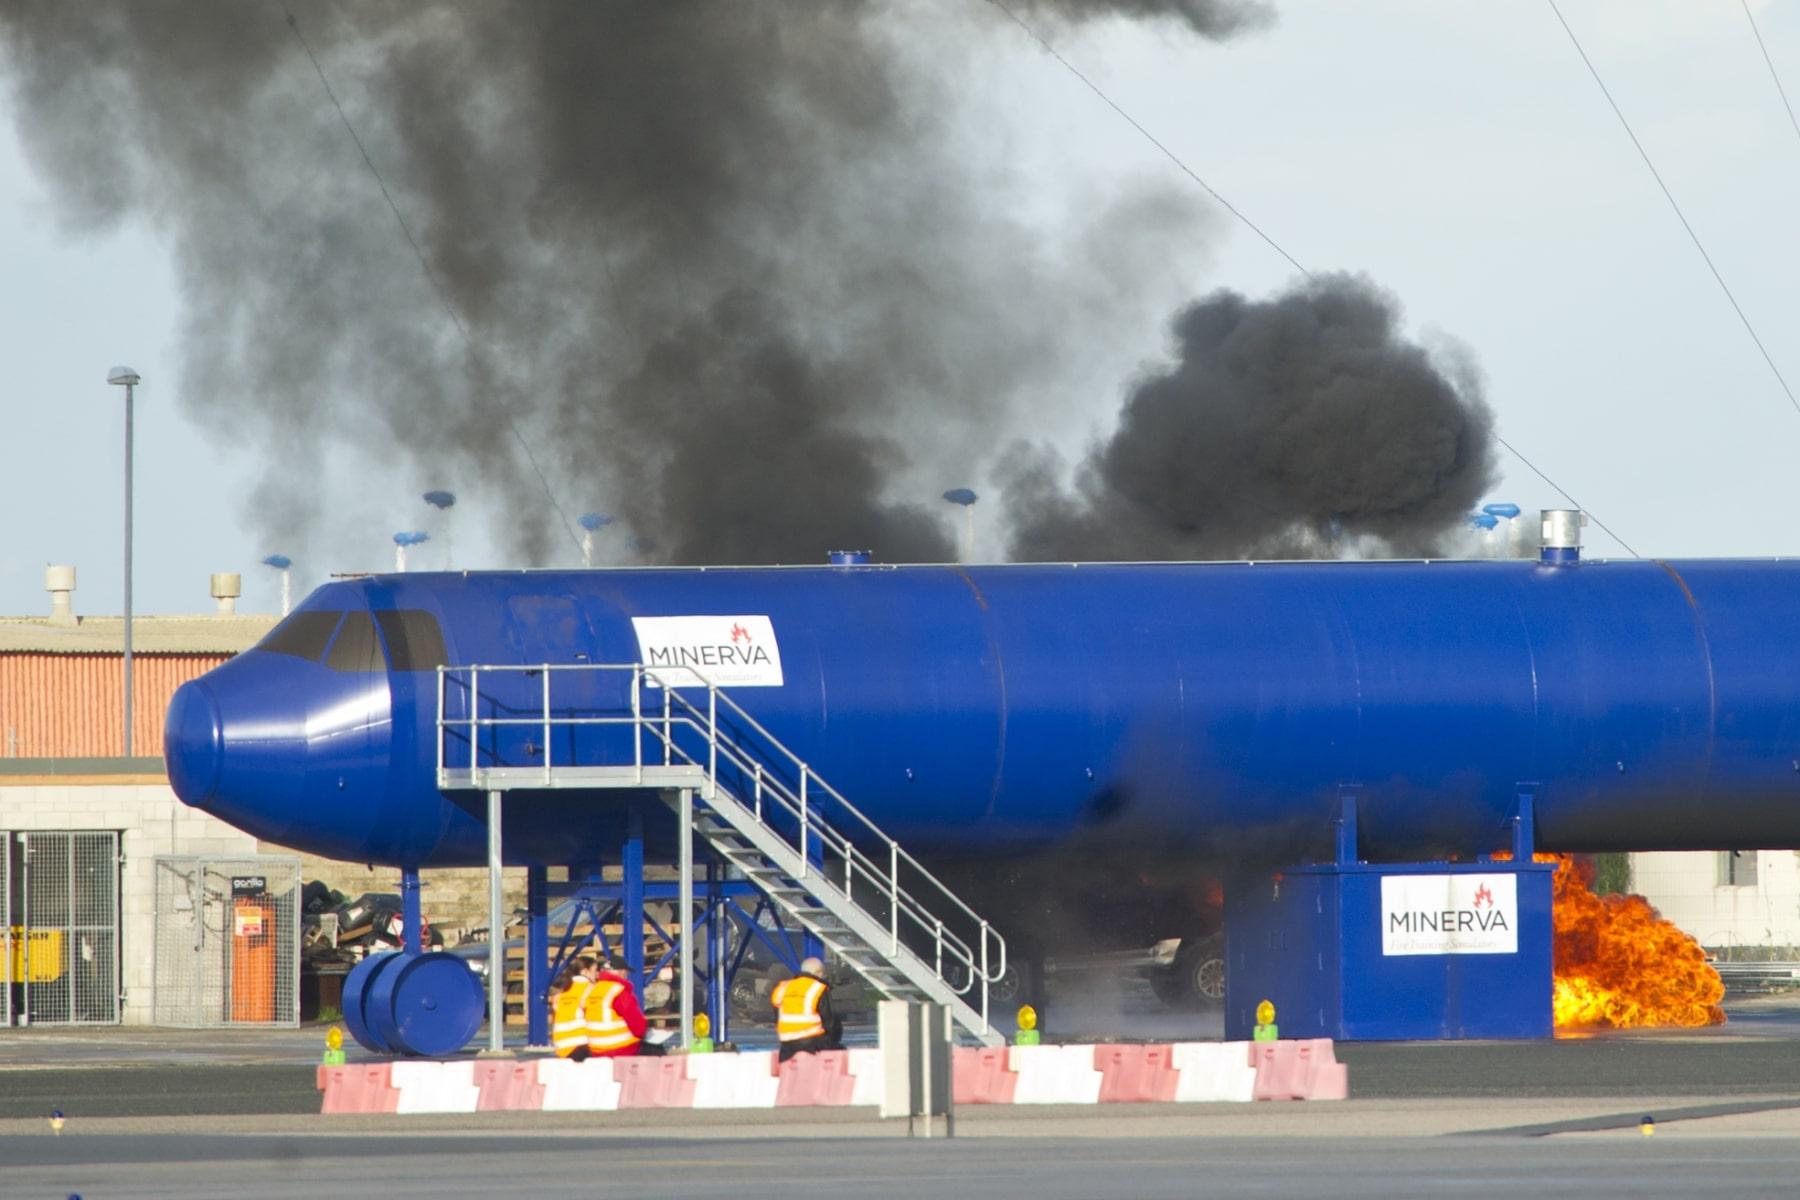 simulacro-accidente-aereo-en-gibraltar-03122014-05_15758193127_o